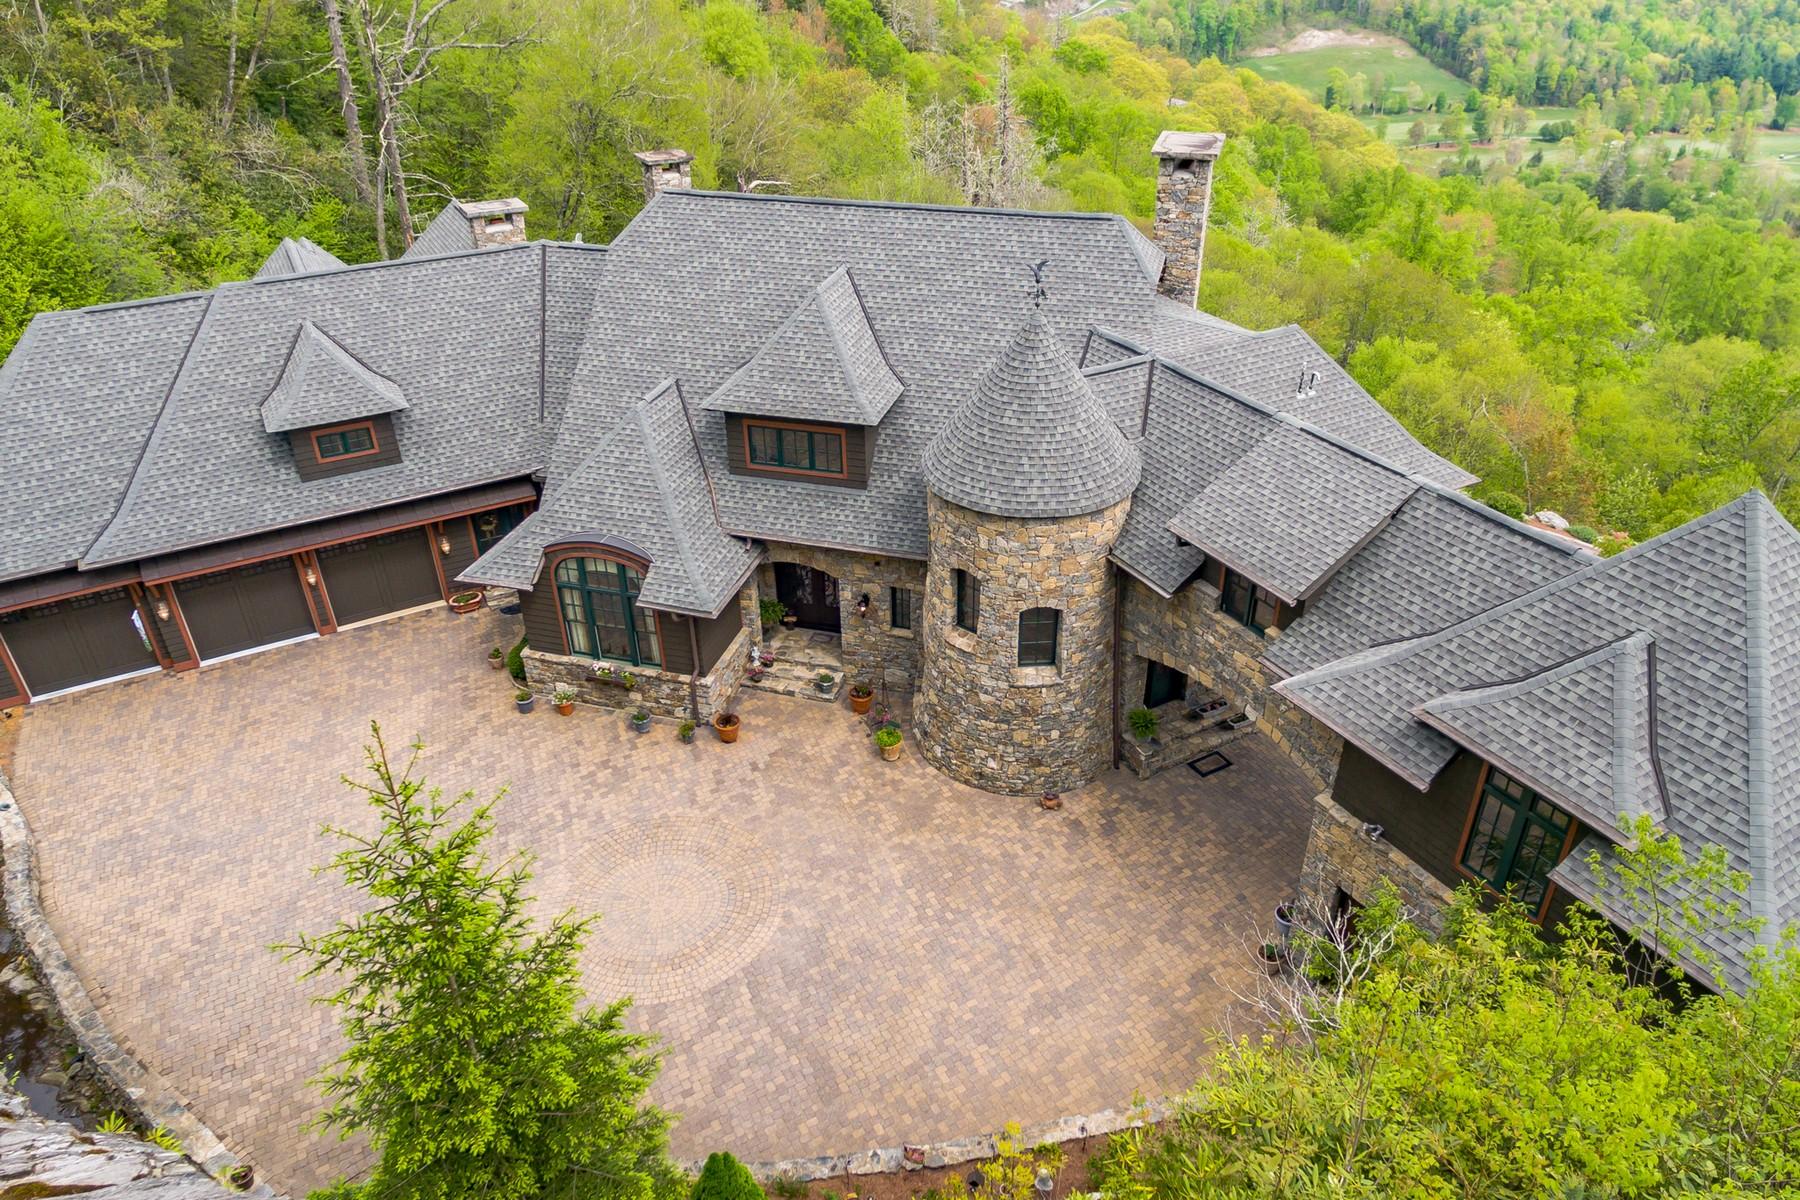 Casa Unifamiliar por un Venta en 793 Old Wagon Trail Highlands, Carolina Del Norte, 28741 Estados Unidos